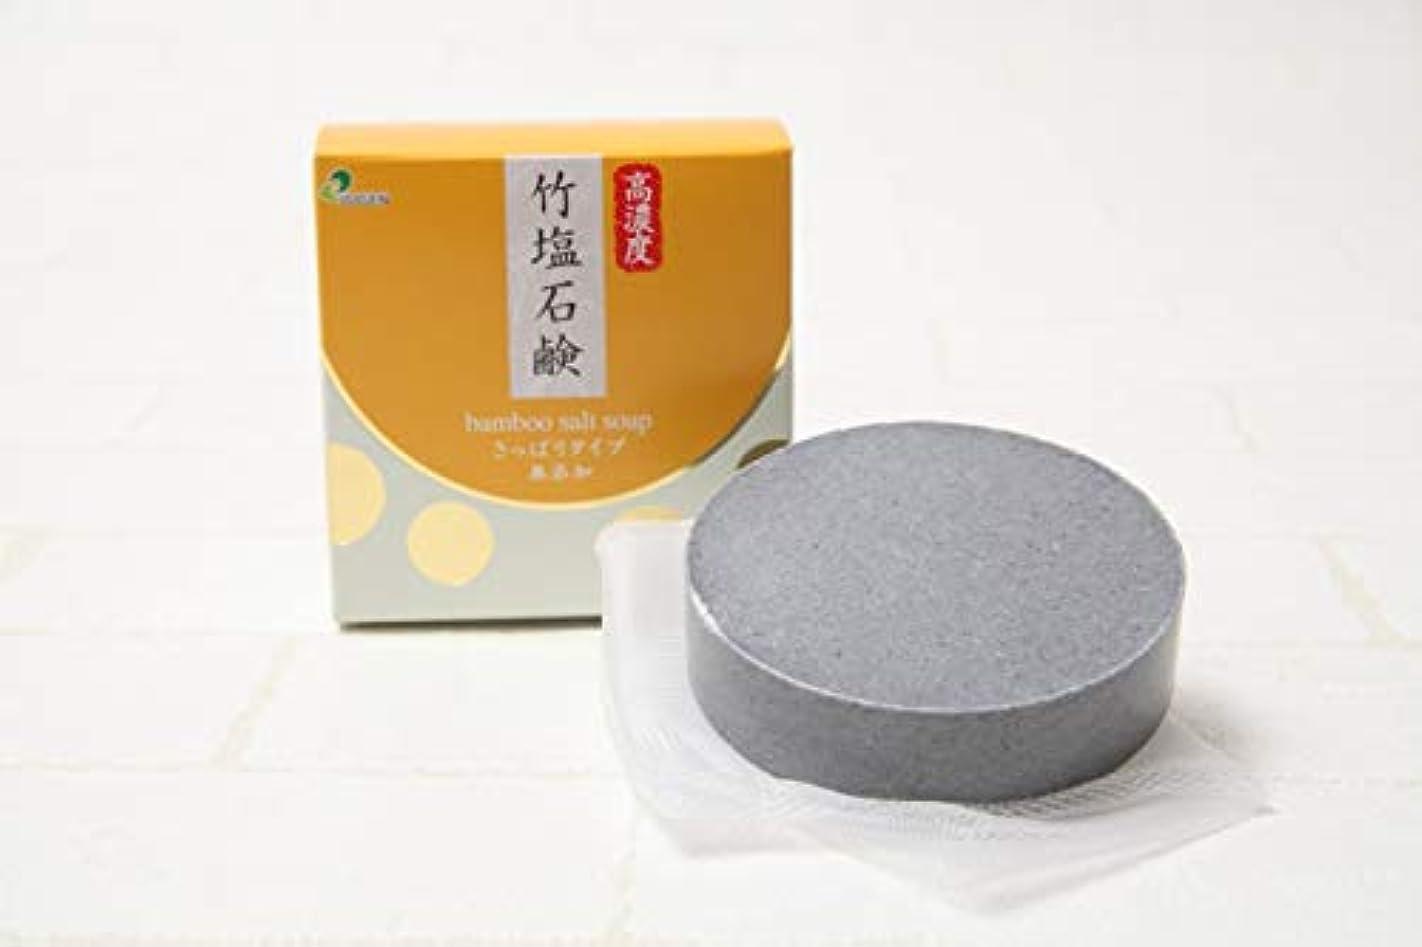 ベンチャーオーバーラン満たすジュゲン 高濃度 竹塩石鹸(洗顔せっけん石けん) 80g 泡立てネット付き